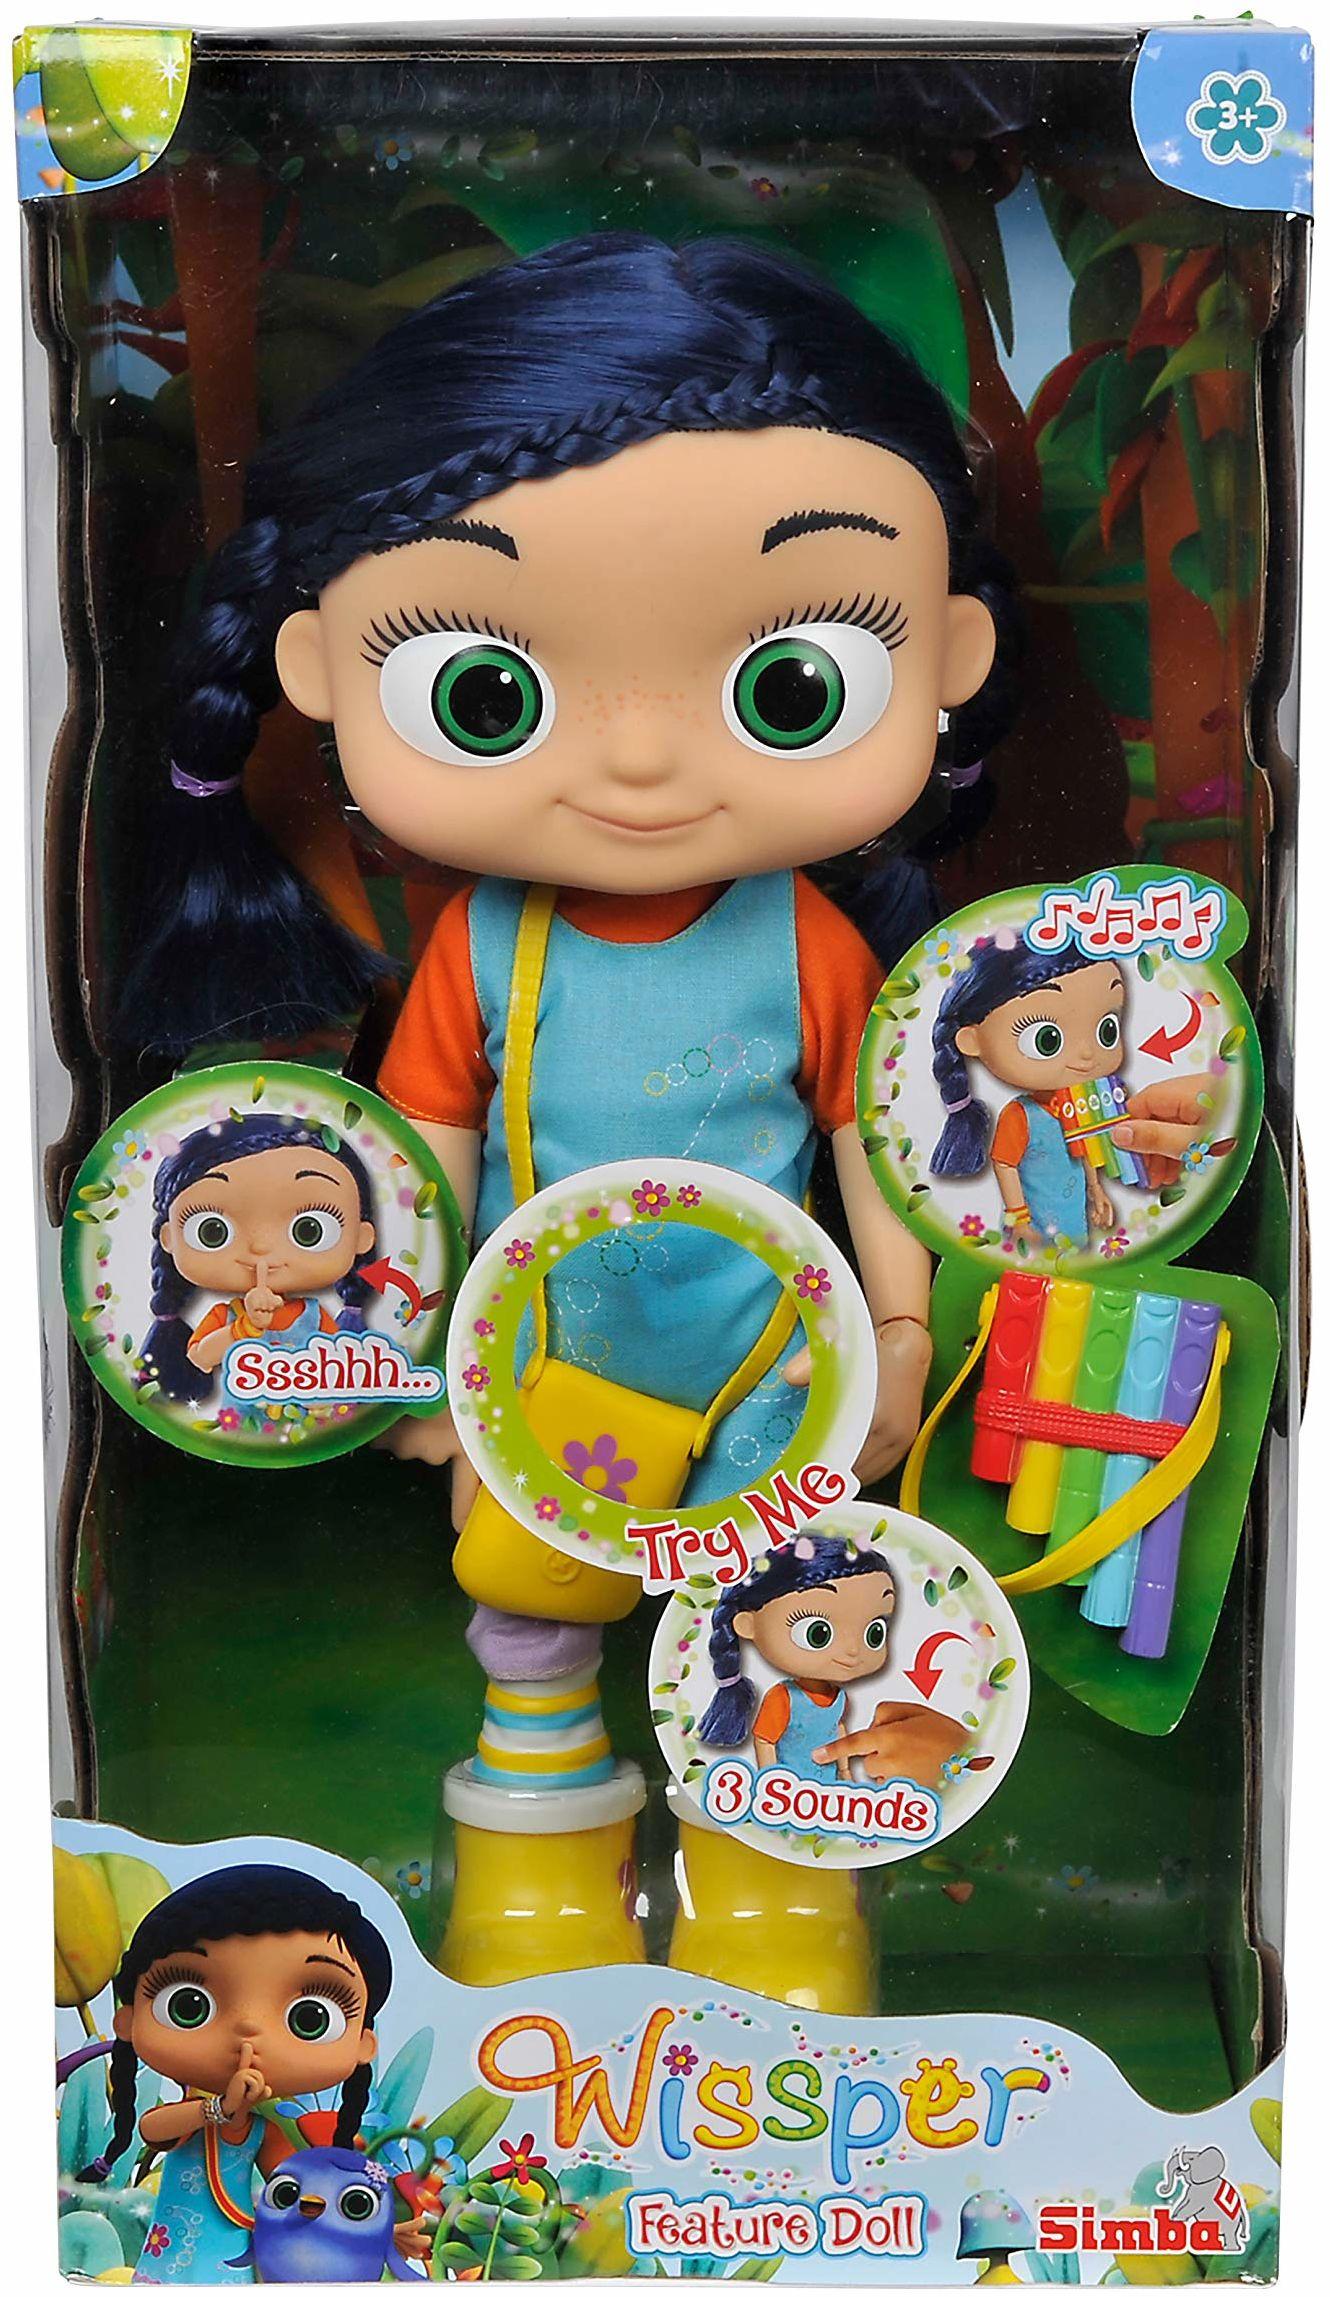 Simba 109358495 109358495-Wissper lalka funkcyjna, 34 cm, kolorowa